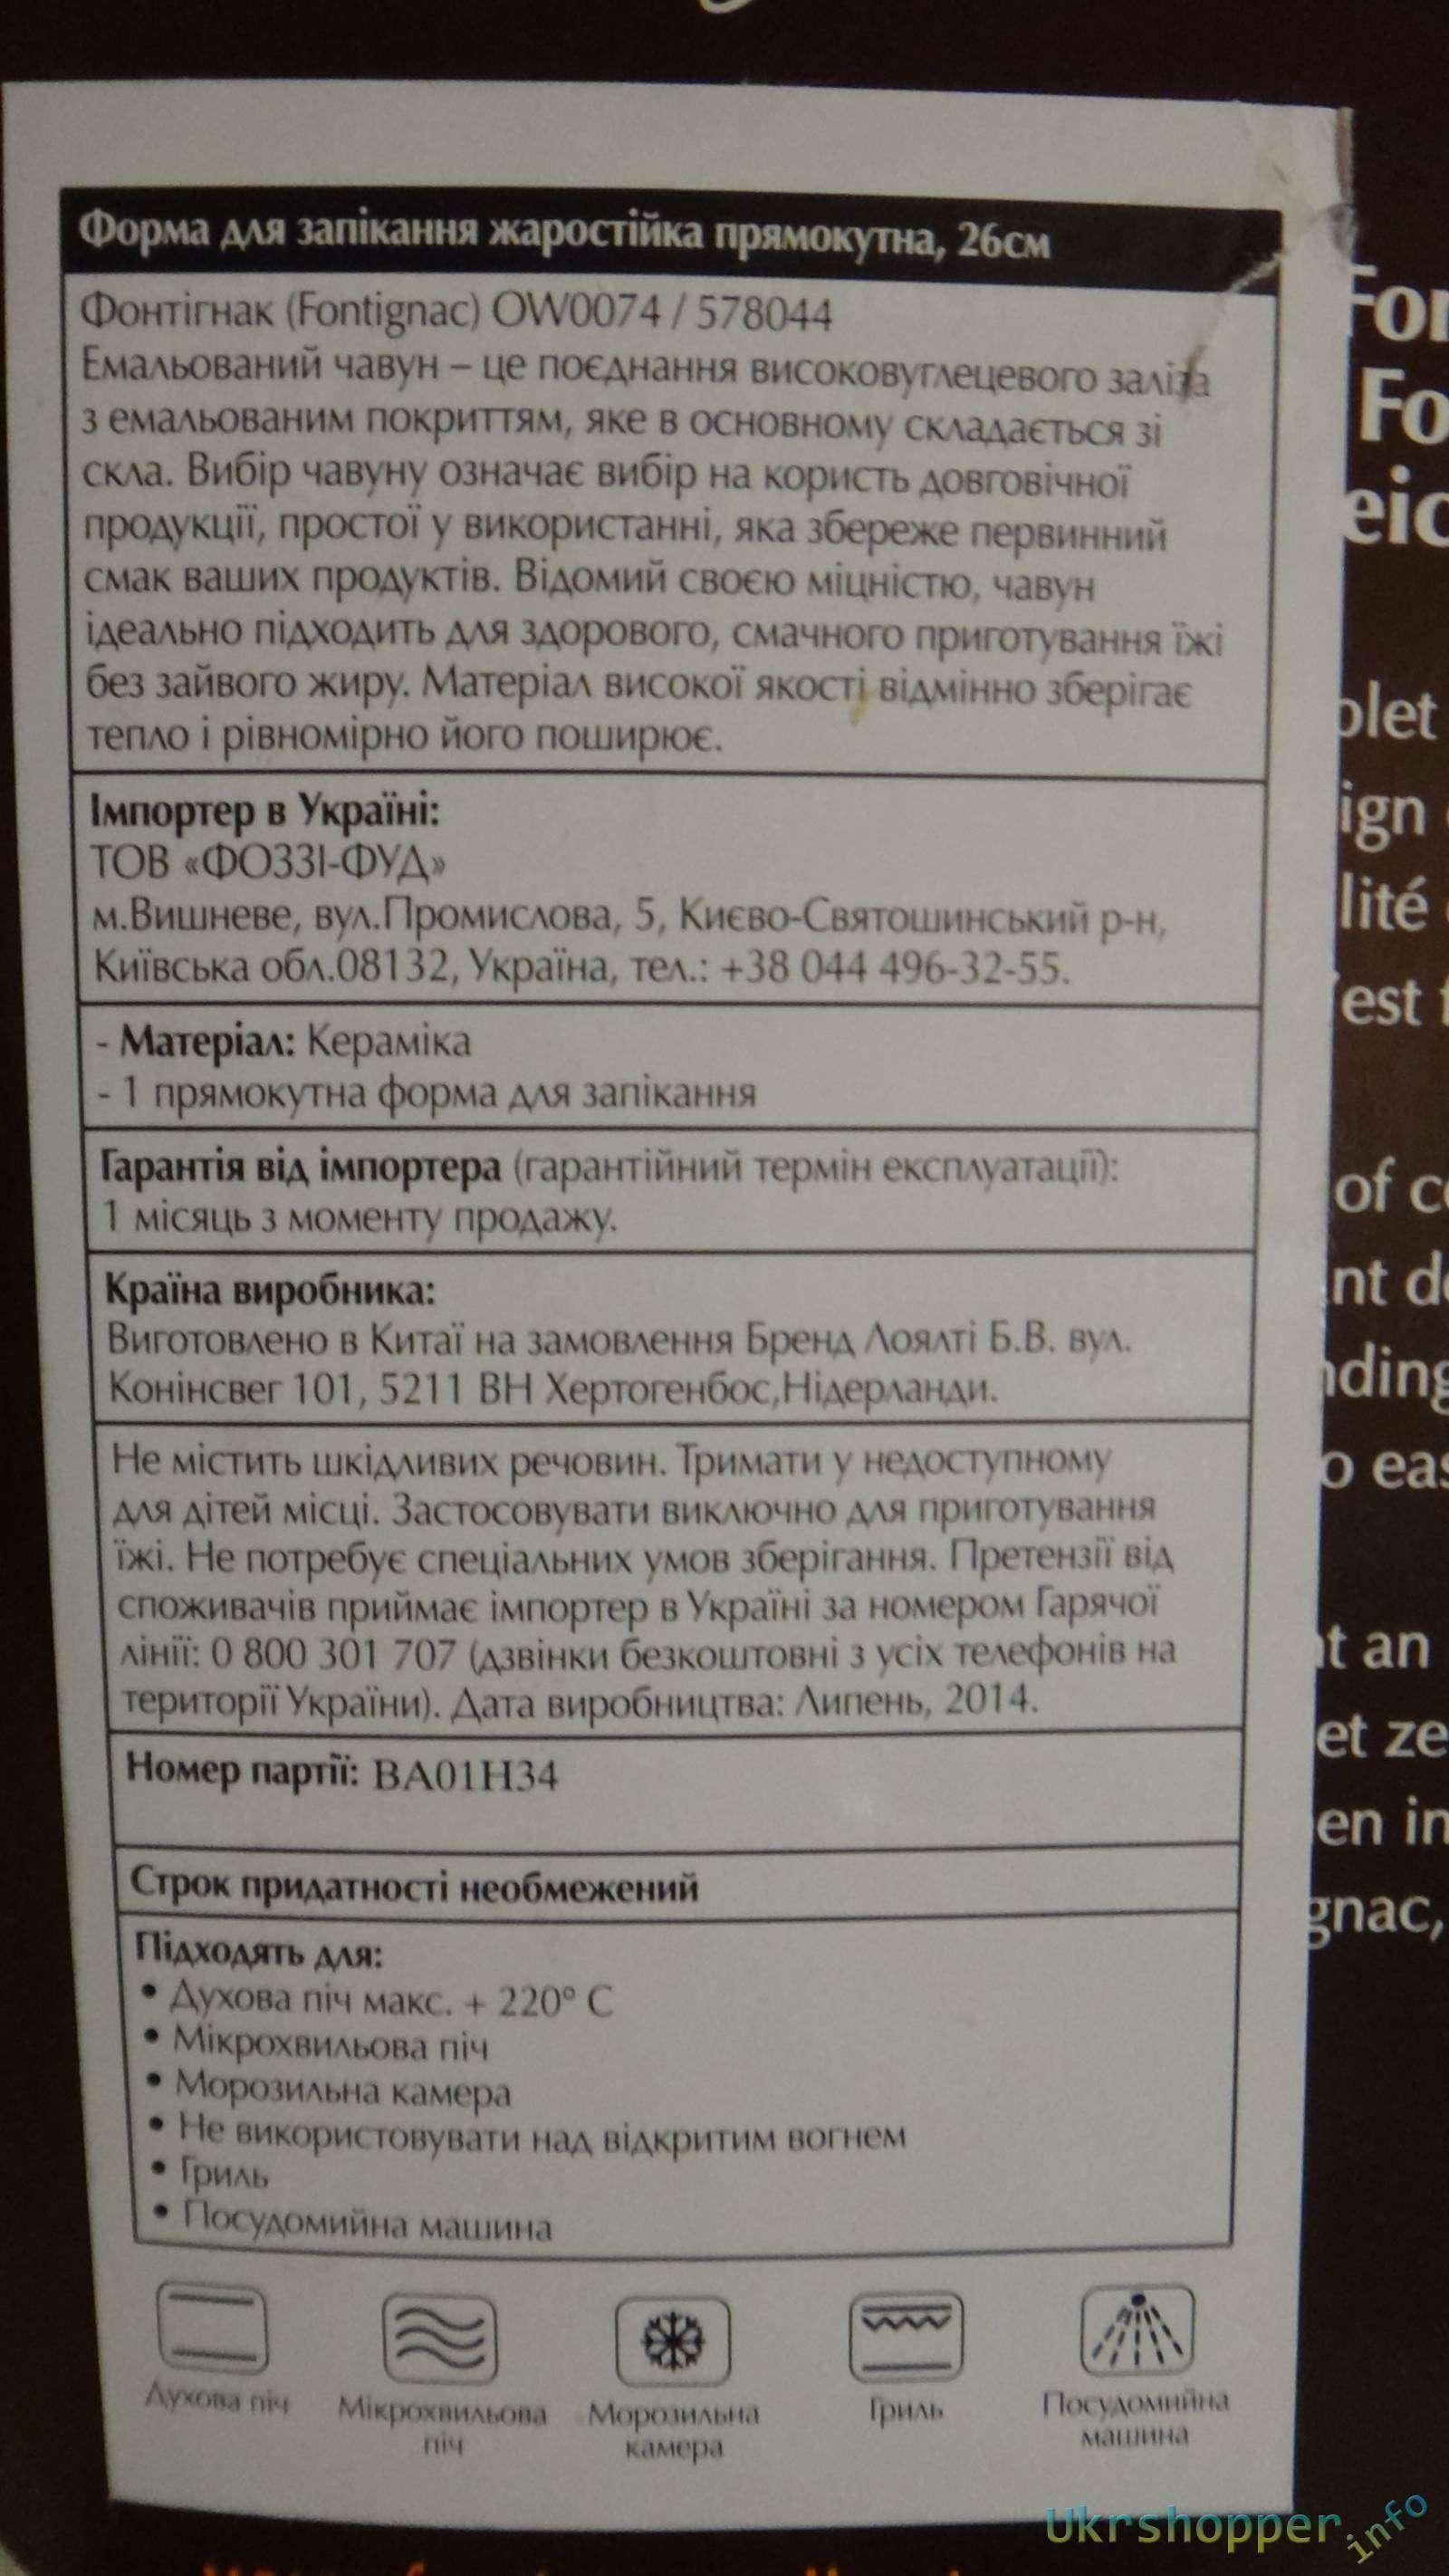 Обзор формы для запекания (Акция от Сильпо Fontignac) Фонтиньяк 26 см